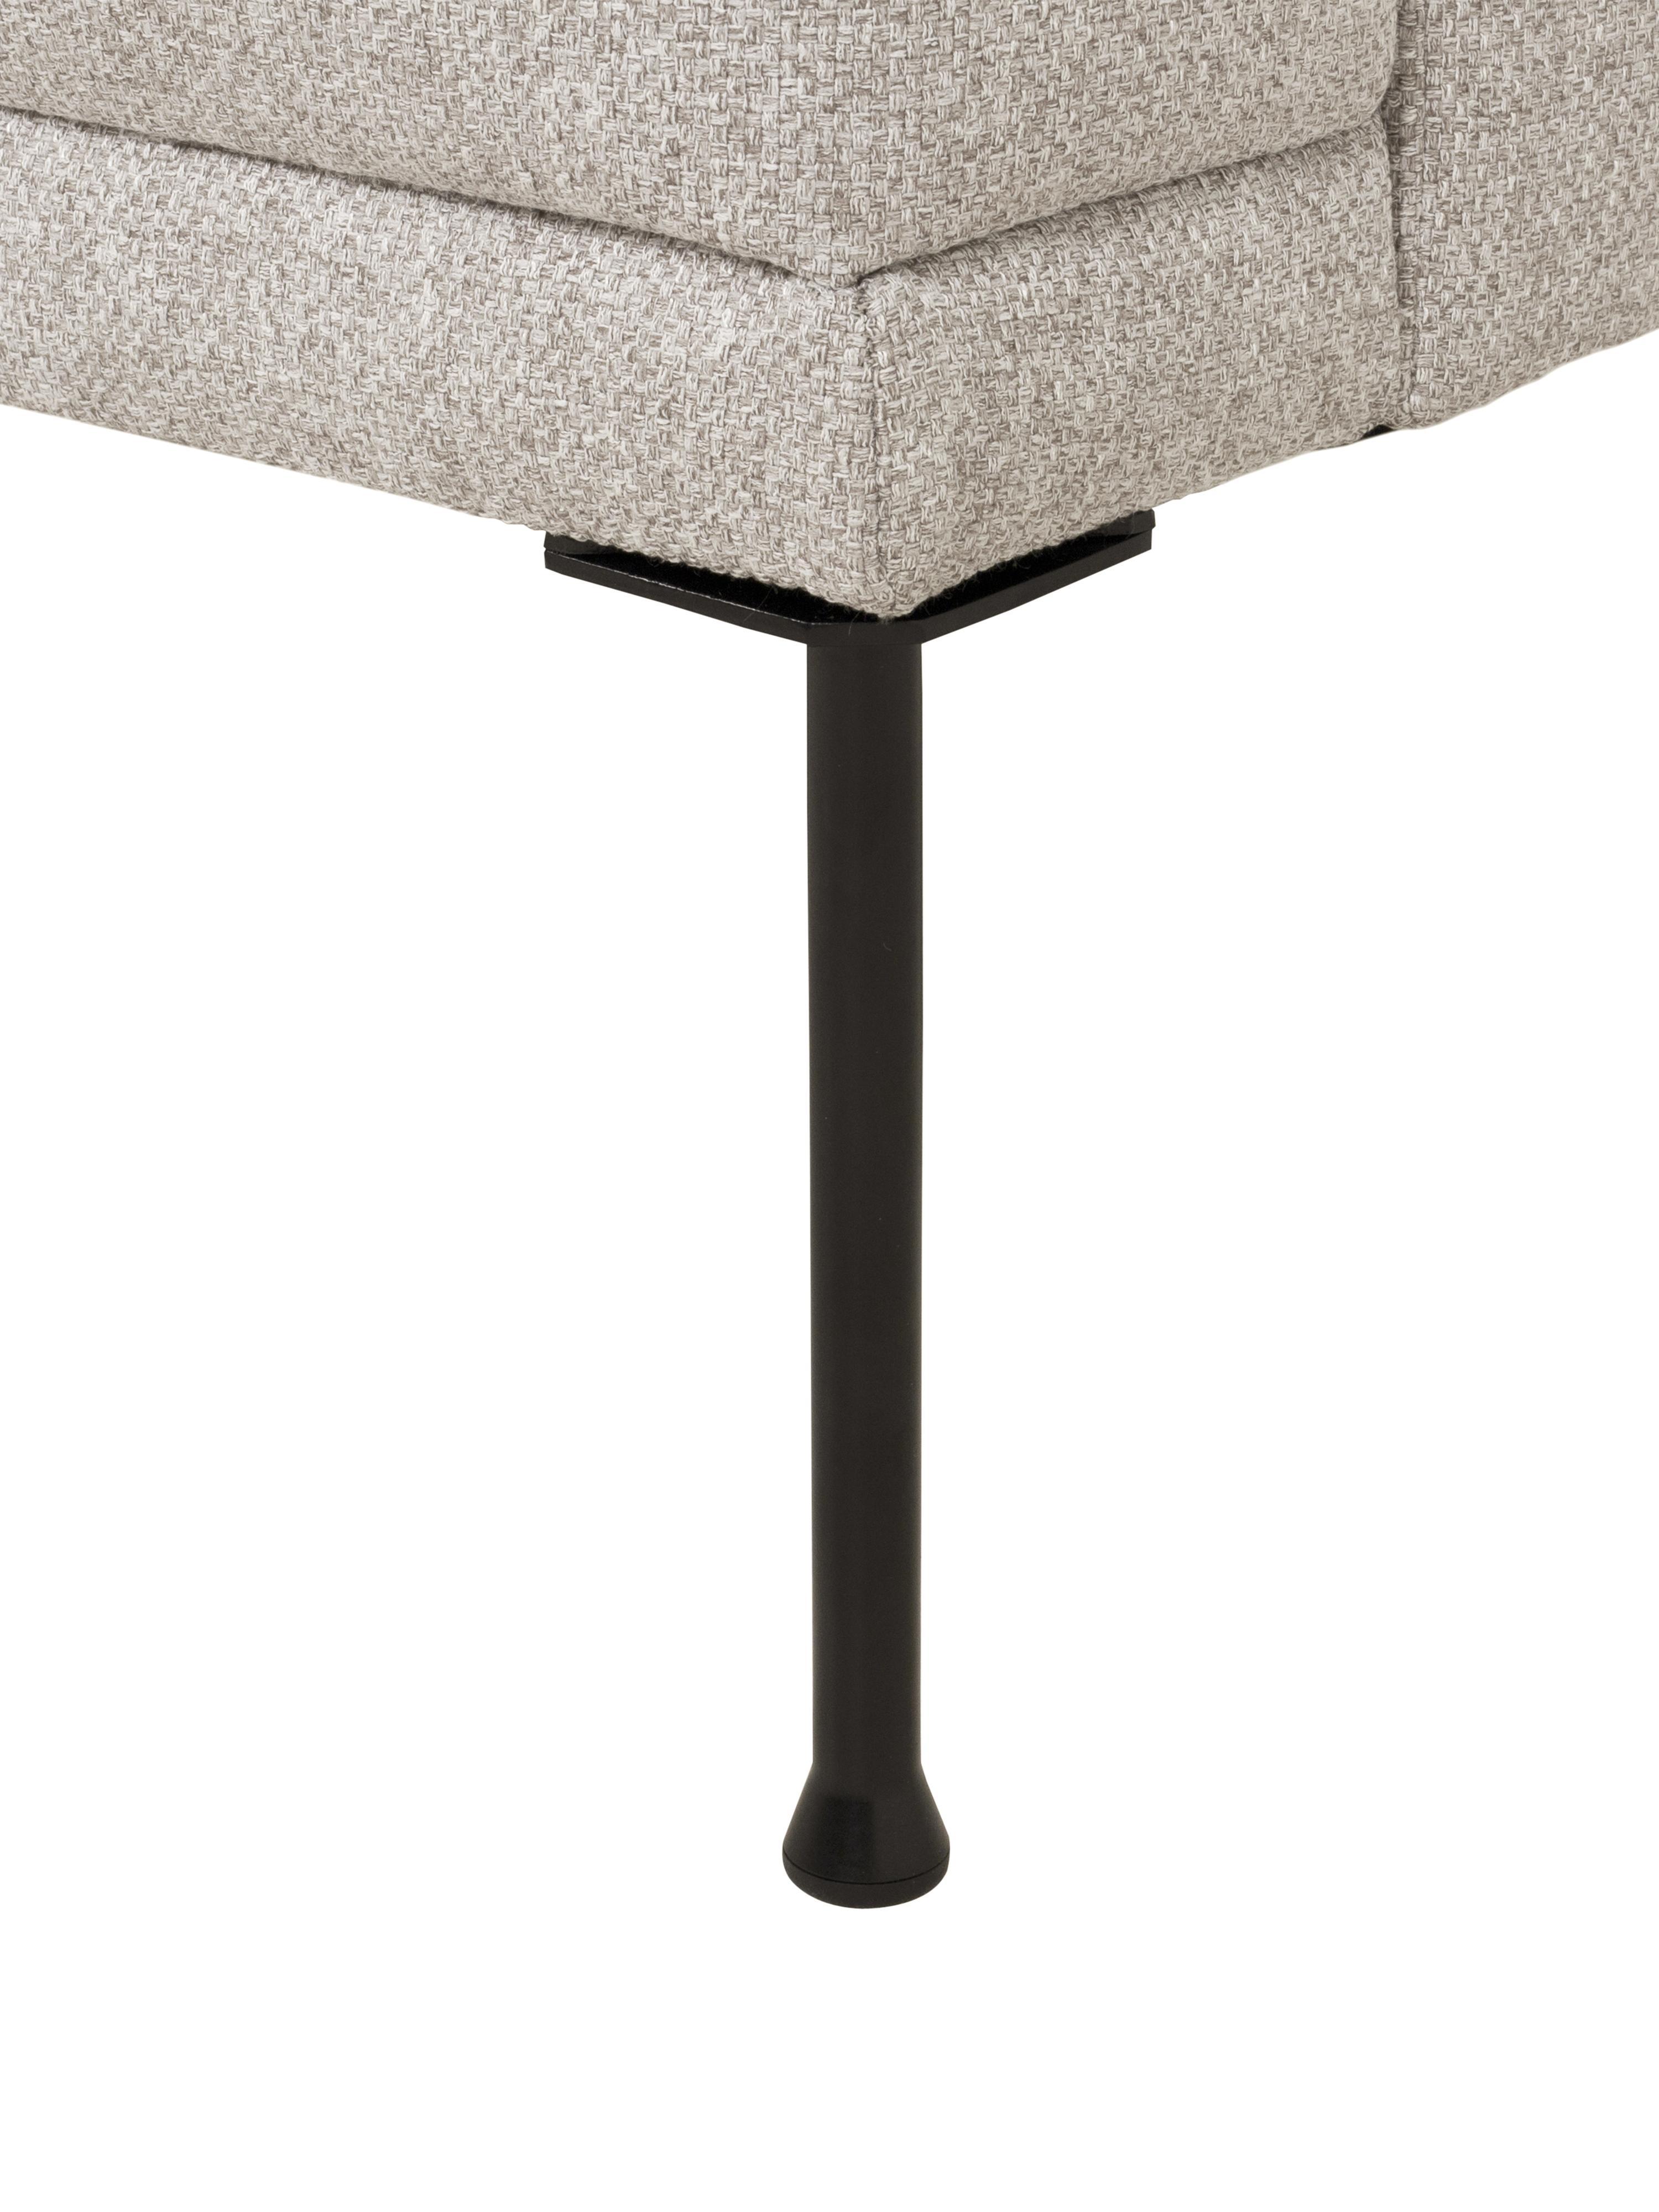 Sofa narożna Fluente, Tapicerka: 80% poliester, 20% ramia , Stelaż: lite drewno sosnowe, Nogi: metal malowany proszkowo, Beżowy, S 221 x G 200 cm